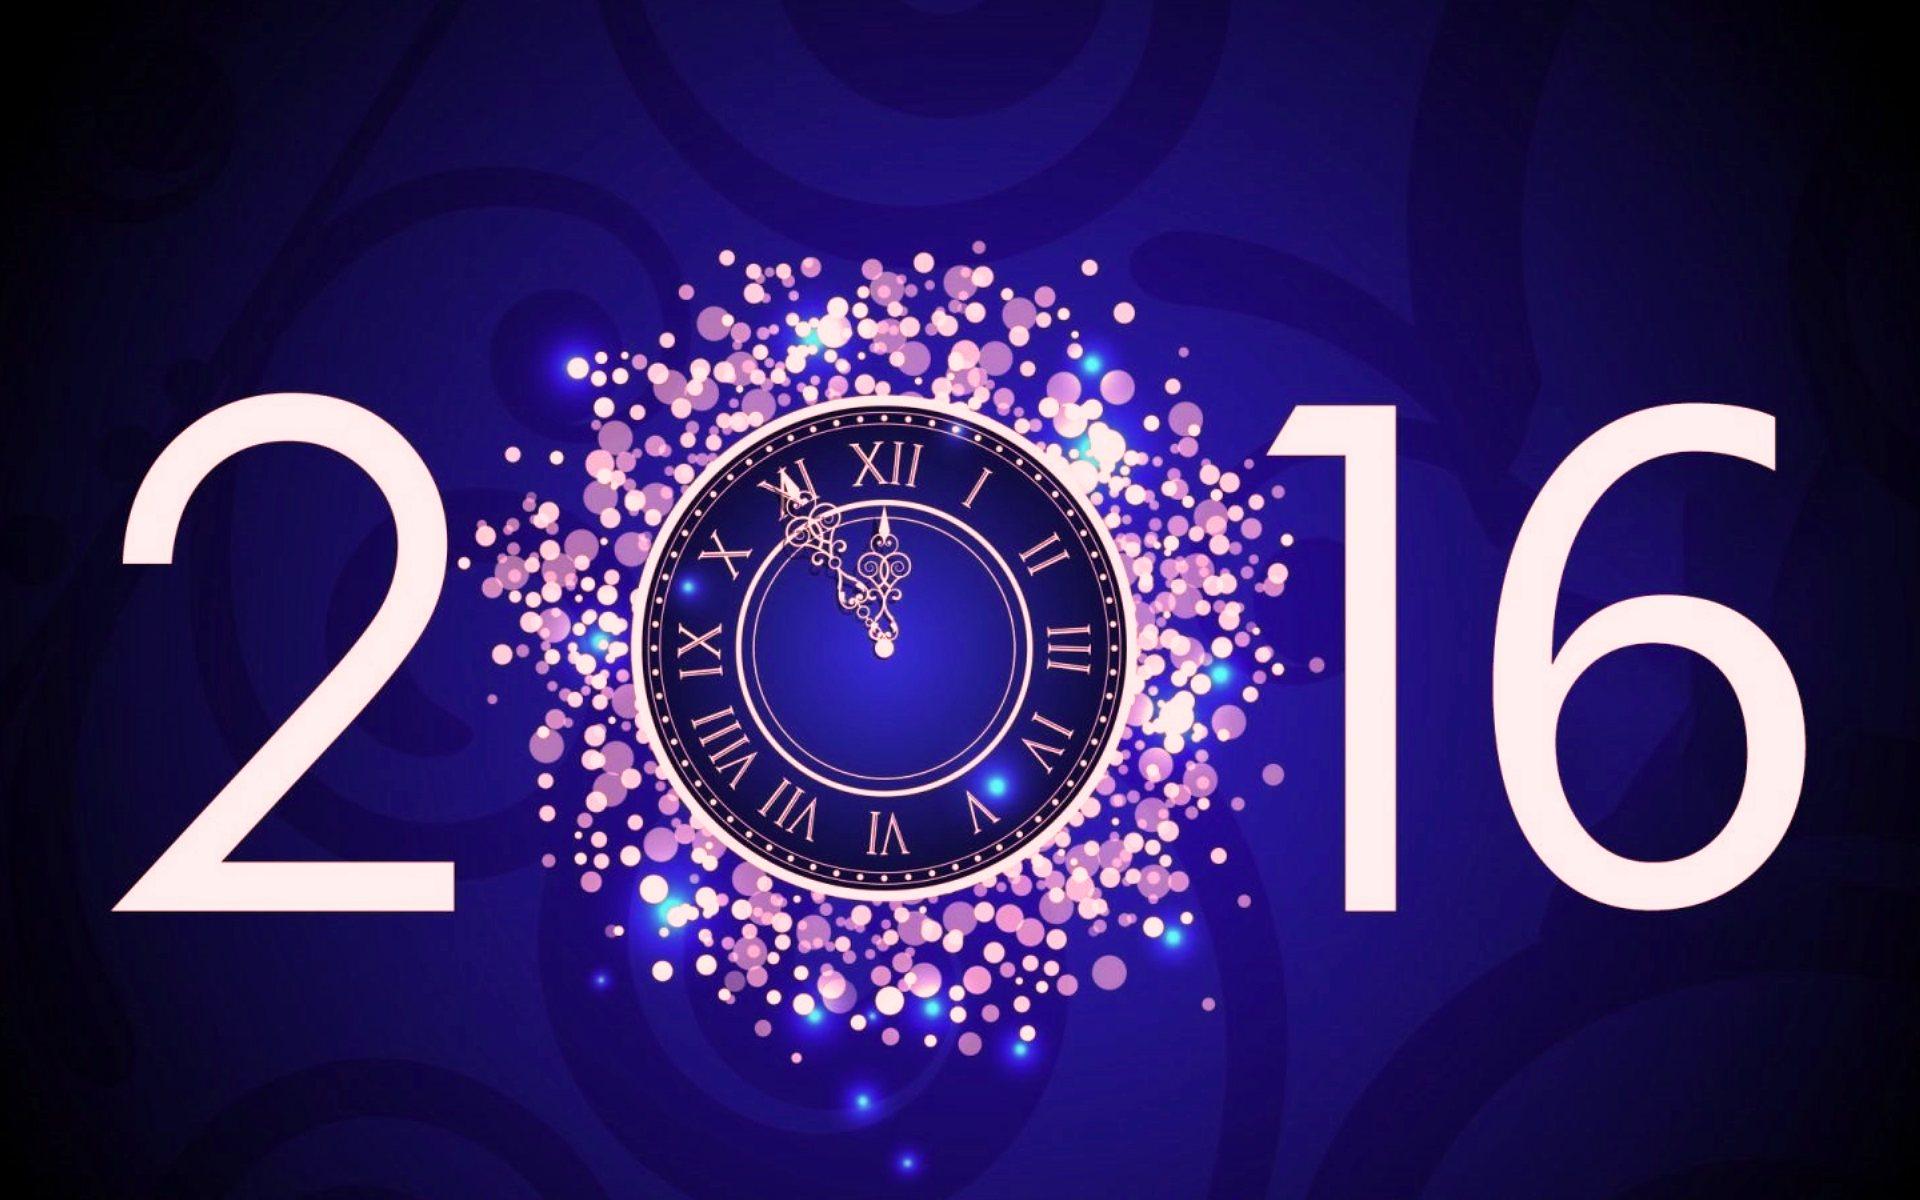 Без пяти минут 2016 - C наступающим новым годом 2017 поздравительные картинки